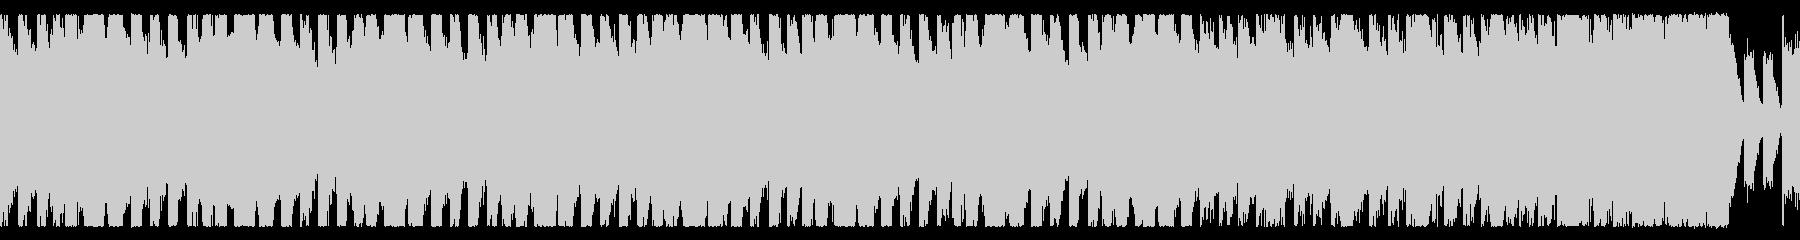 丁度いいダンスミュージックEDM ループの未再生の波形